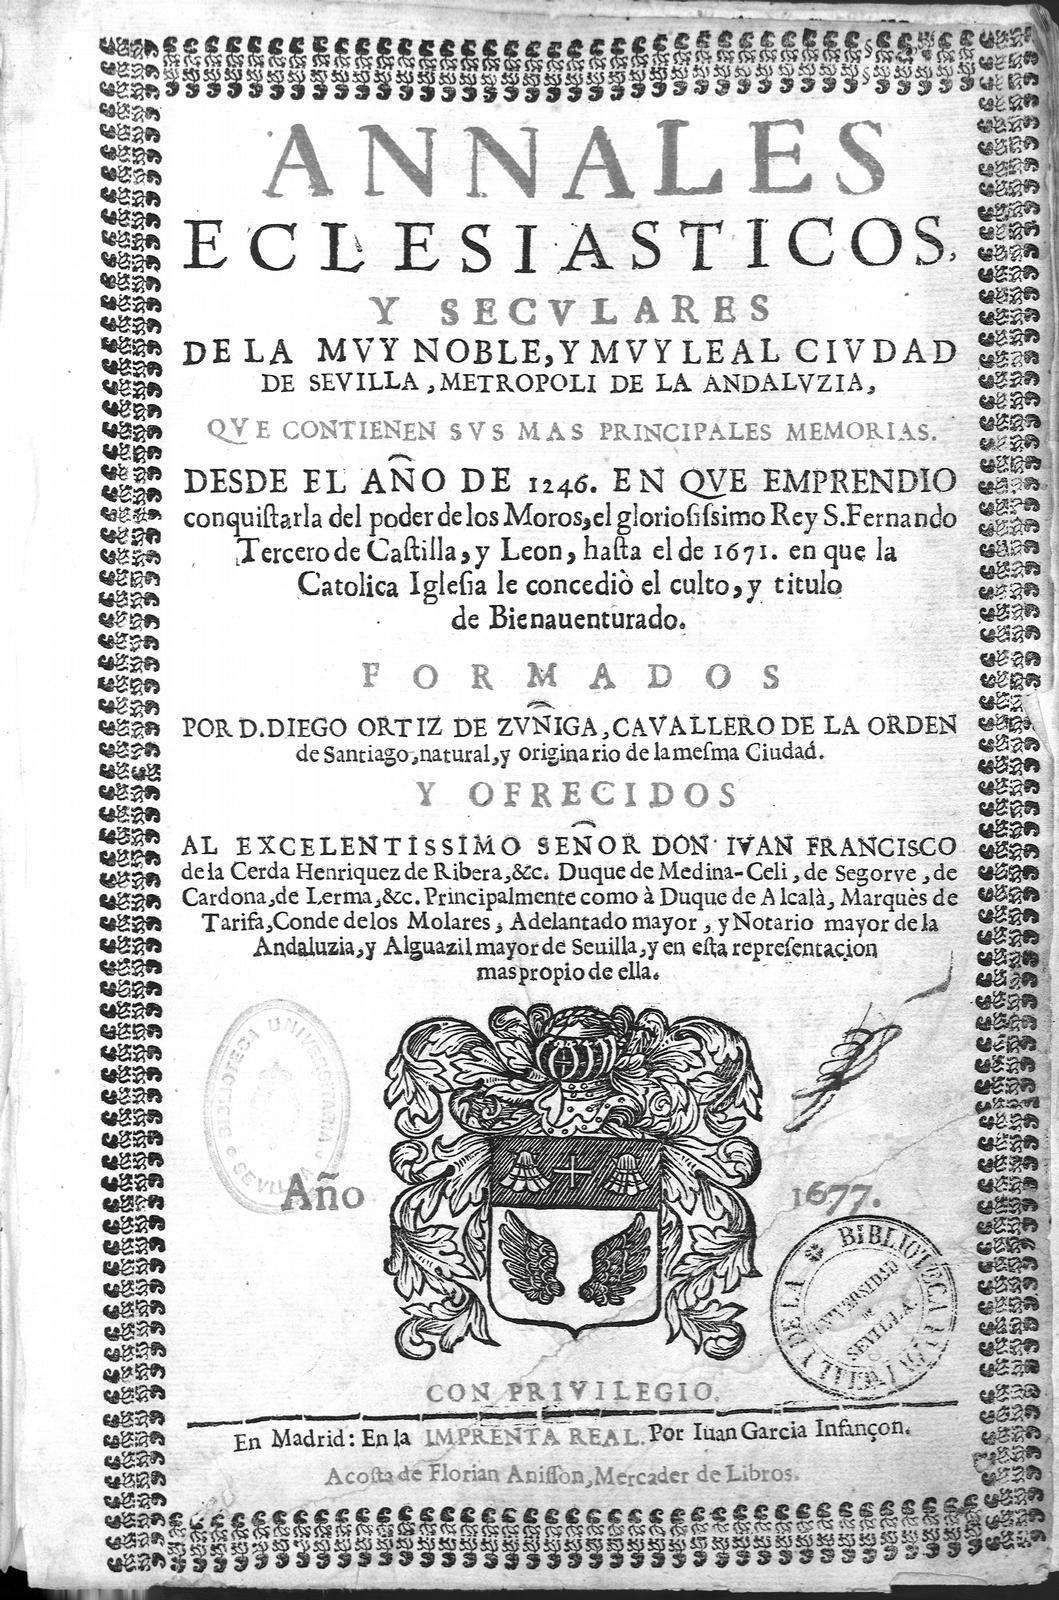 Anales eclesiasticos y seculares de la muy noble y muy leal ciudad de Sevilla ... que contienen sus mas principales memorias desde el año de 1246... hasta el de 1671... Año 1677